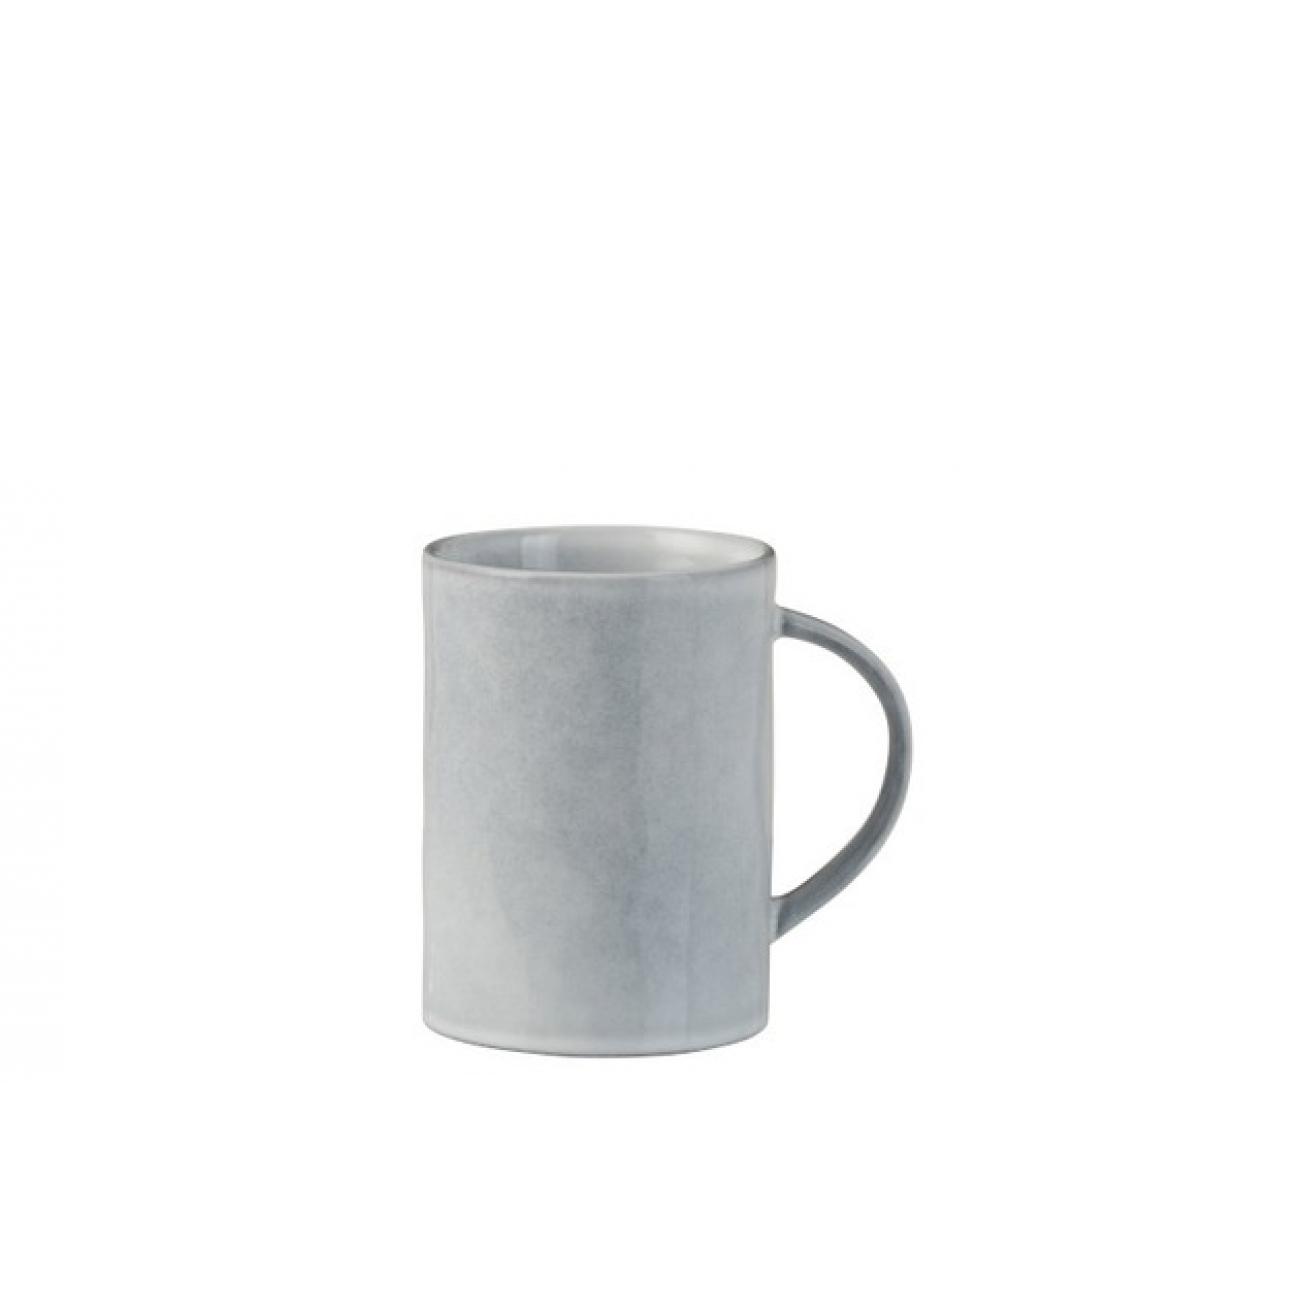 Чашка J-LINE керамическая серо-голубая 250 мл Бельгия